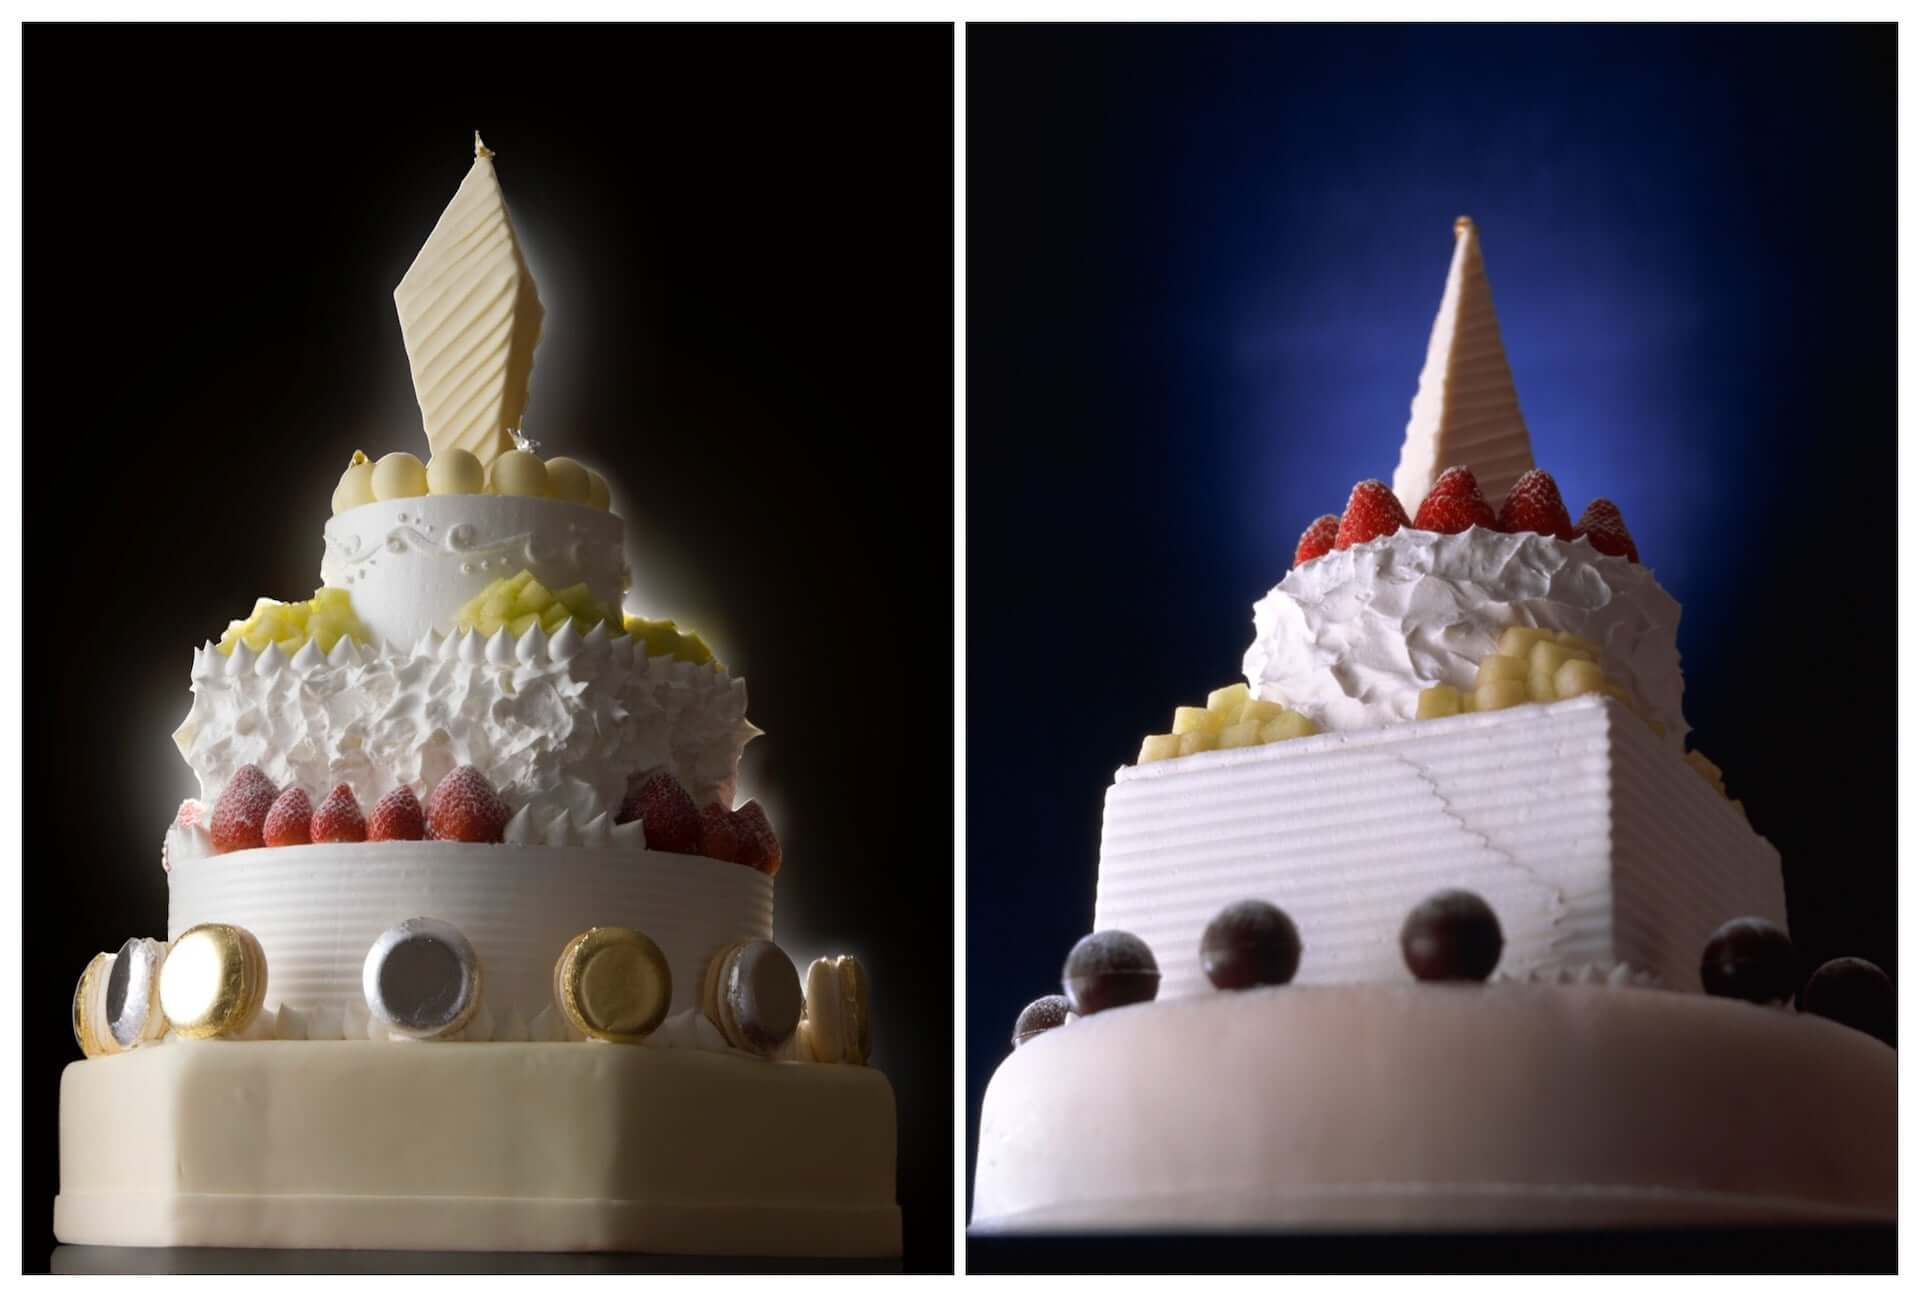 ホテルニューオータニ「パティスリーSATSUKI」にてクリスマスケーキの予約販売がスタート!『スーパーオペラ』『クリスマスタワー』など続々登場 gourmet201005_newotani_8-1920x1297